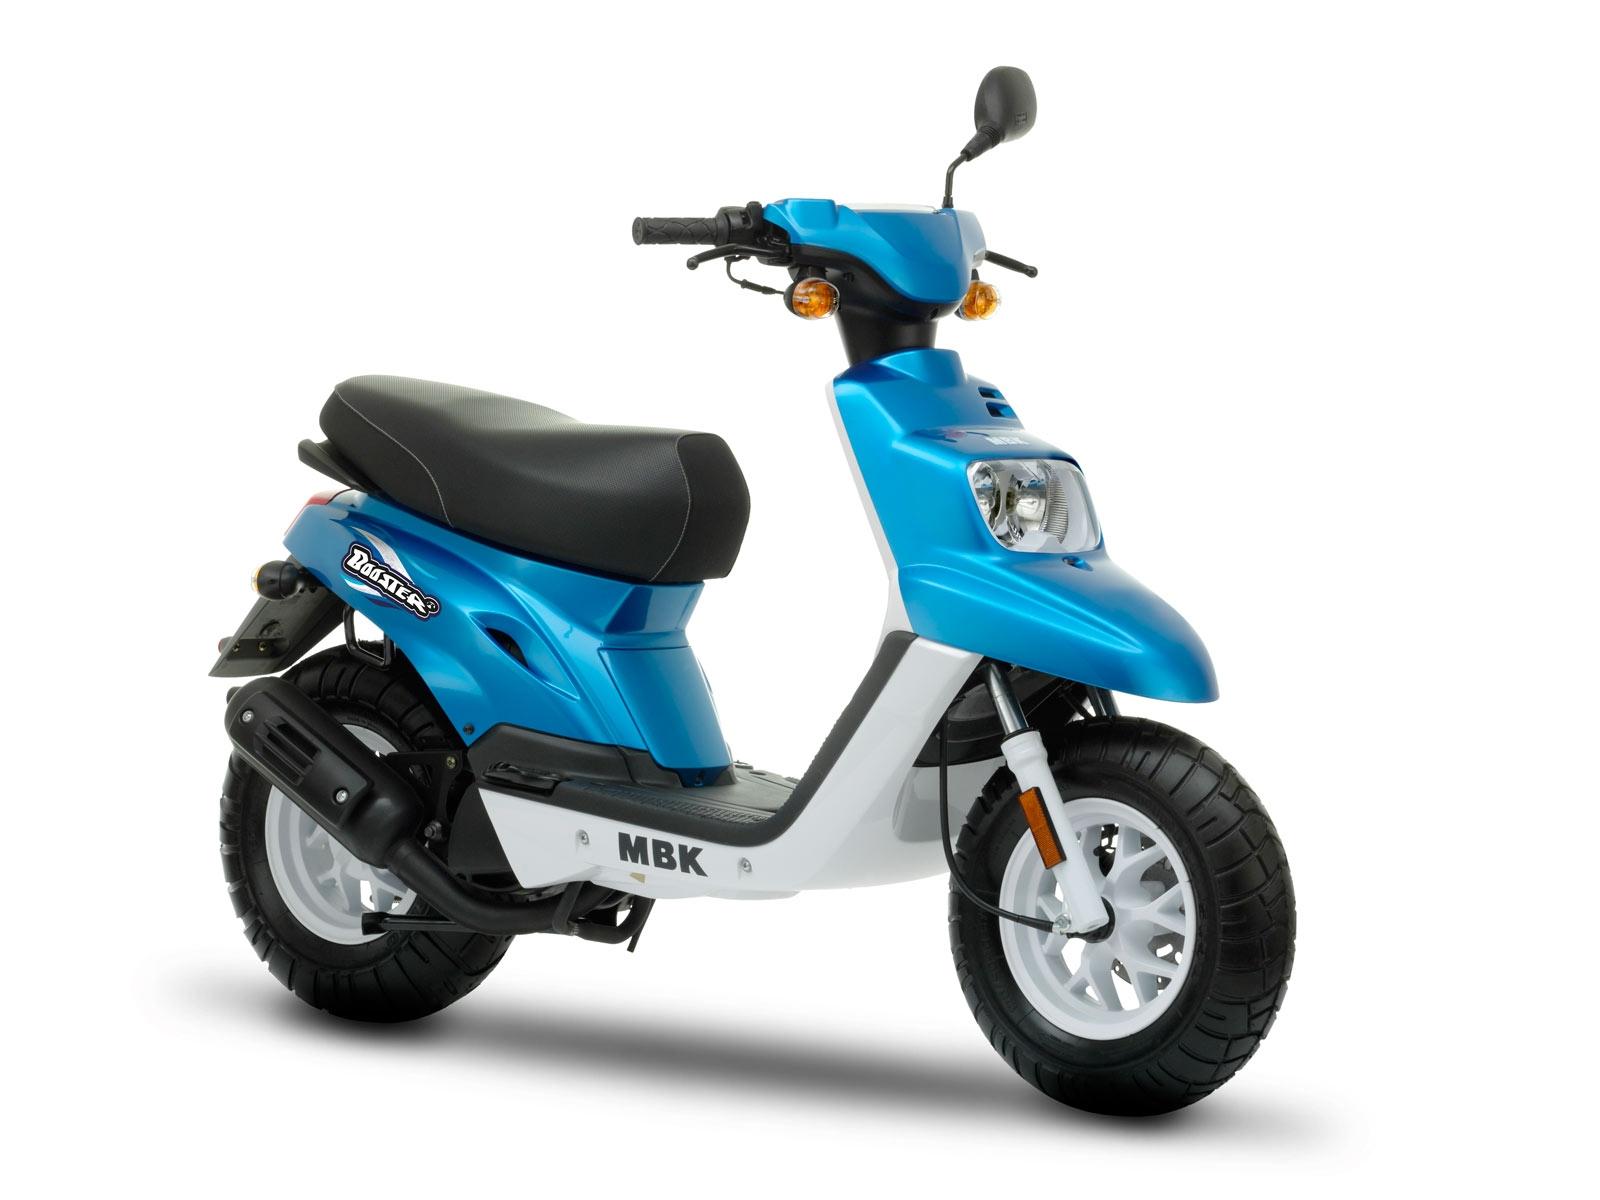 MBK Booster One - Vente de scooters neufs et occasion dans